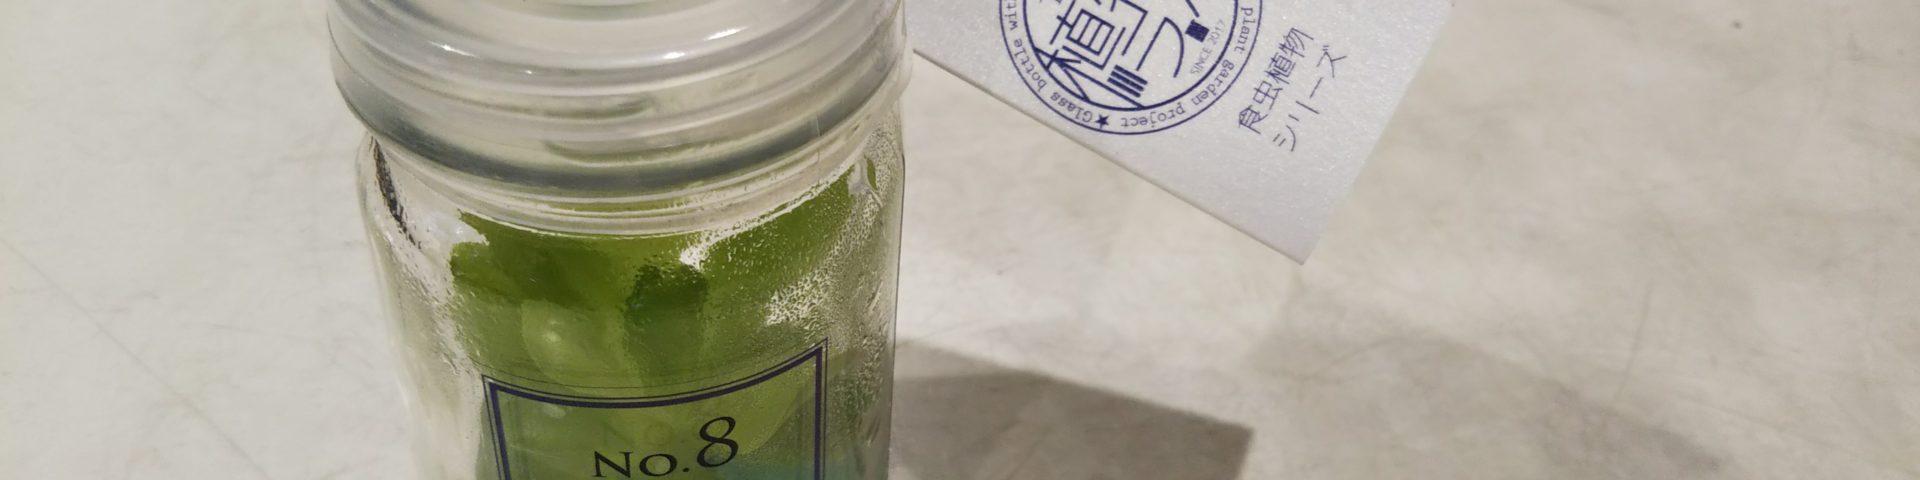 食虫植物ラボ瓶で育てる